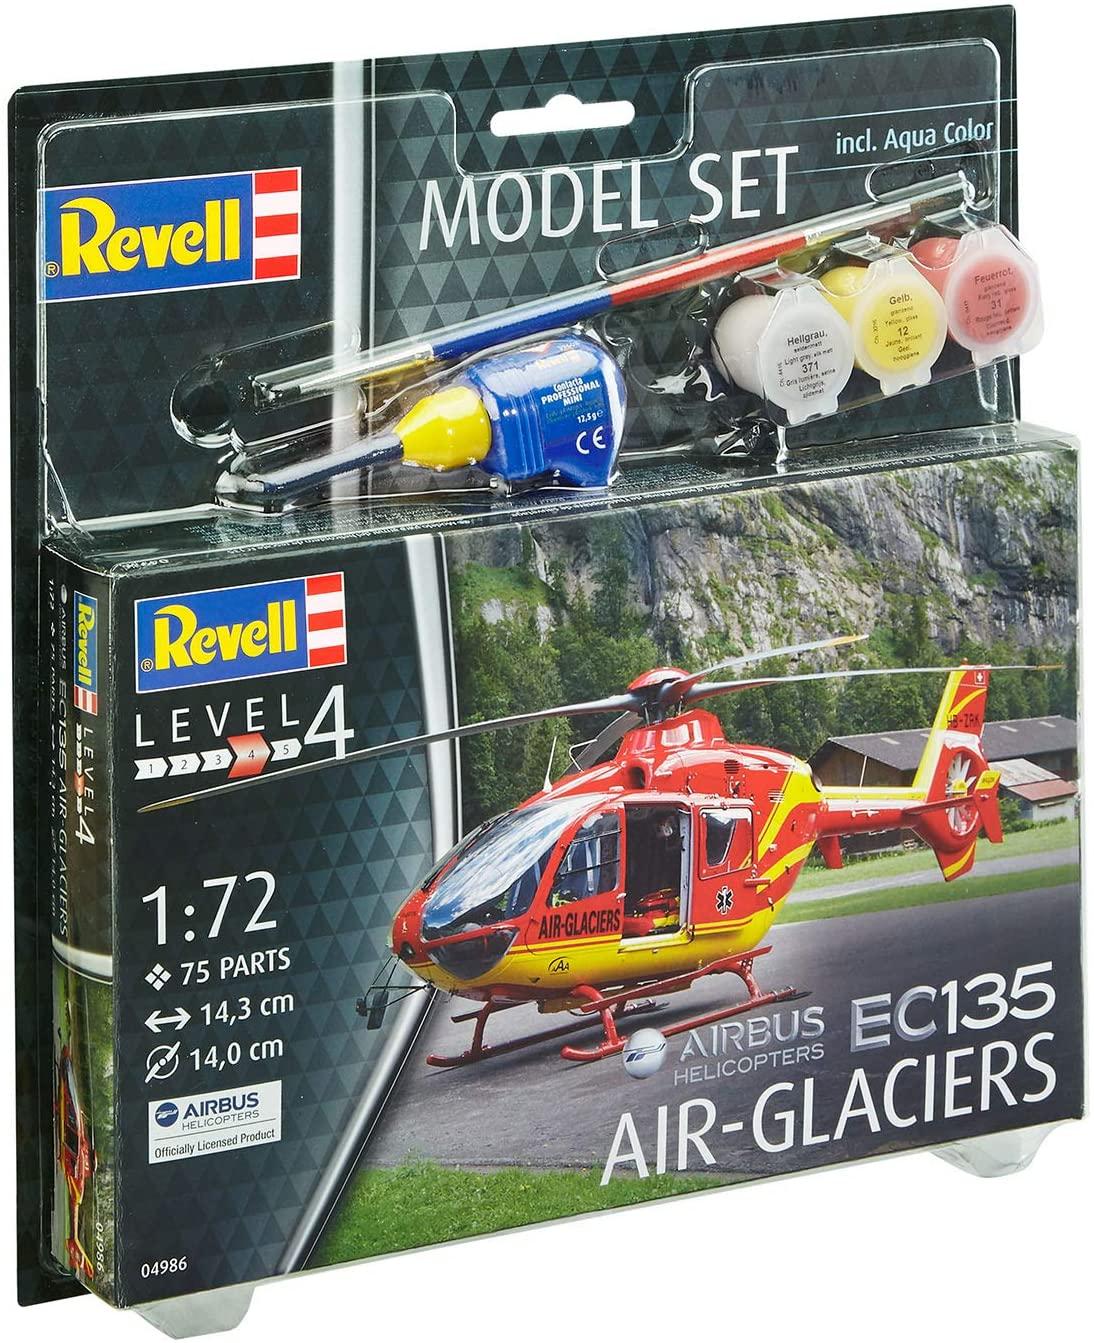 Model Set Airbus Helicopters EC135 Air-Glaciers - 1/72 - Revell 64986  - BLIMPS COMÉRCIO ELETRÔNICO